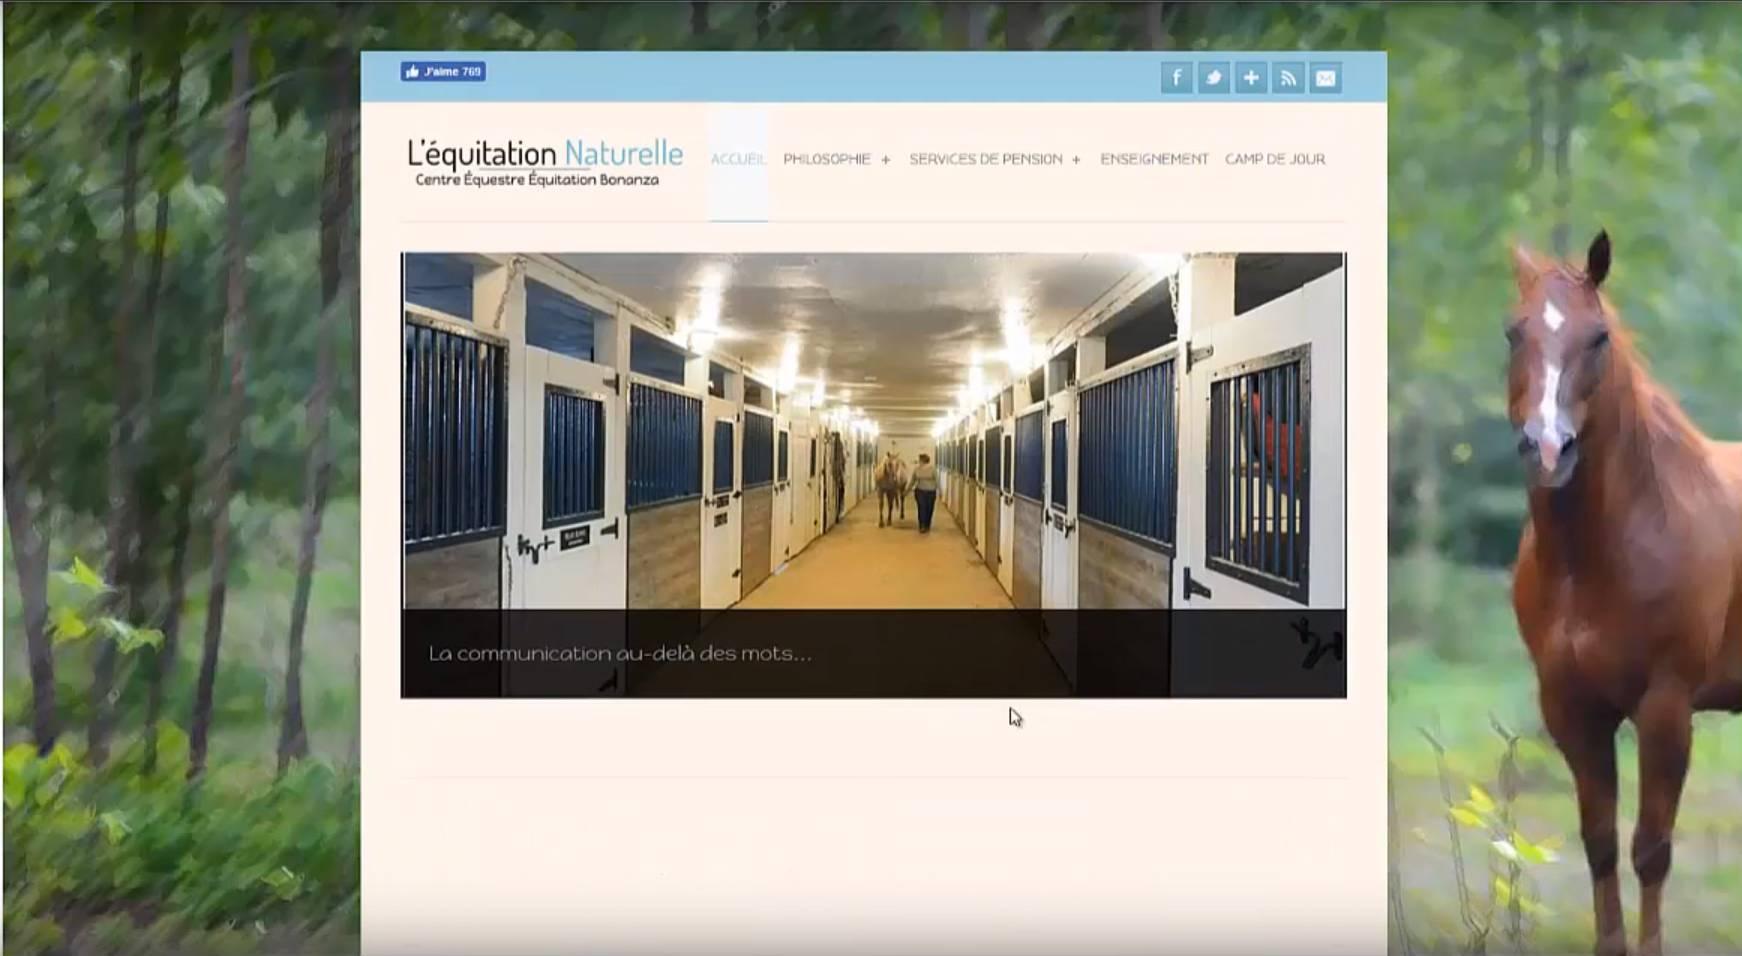 Protai-in : Agence web au cameroun - Equitation